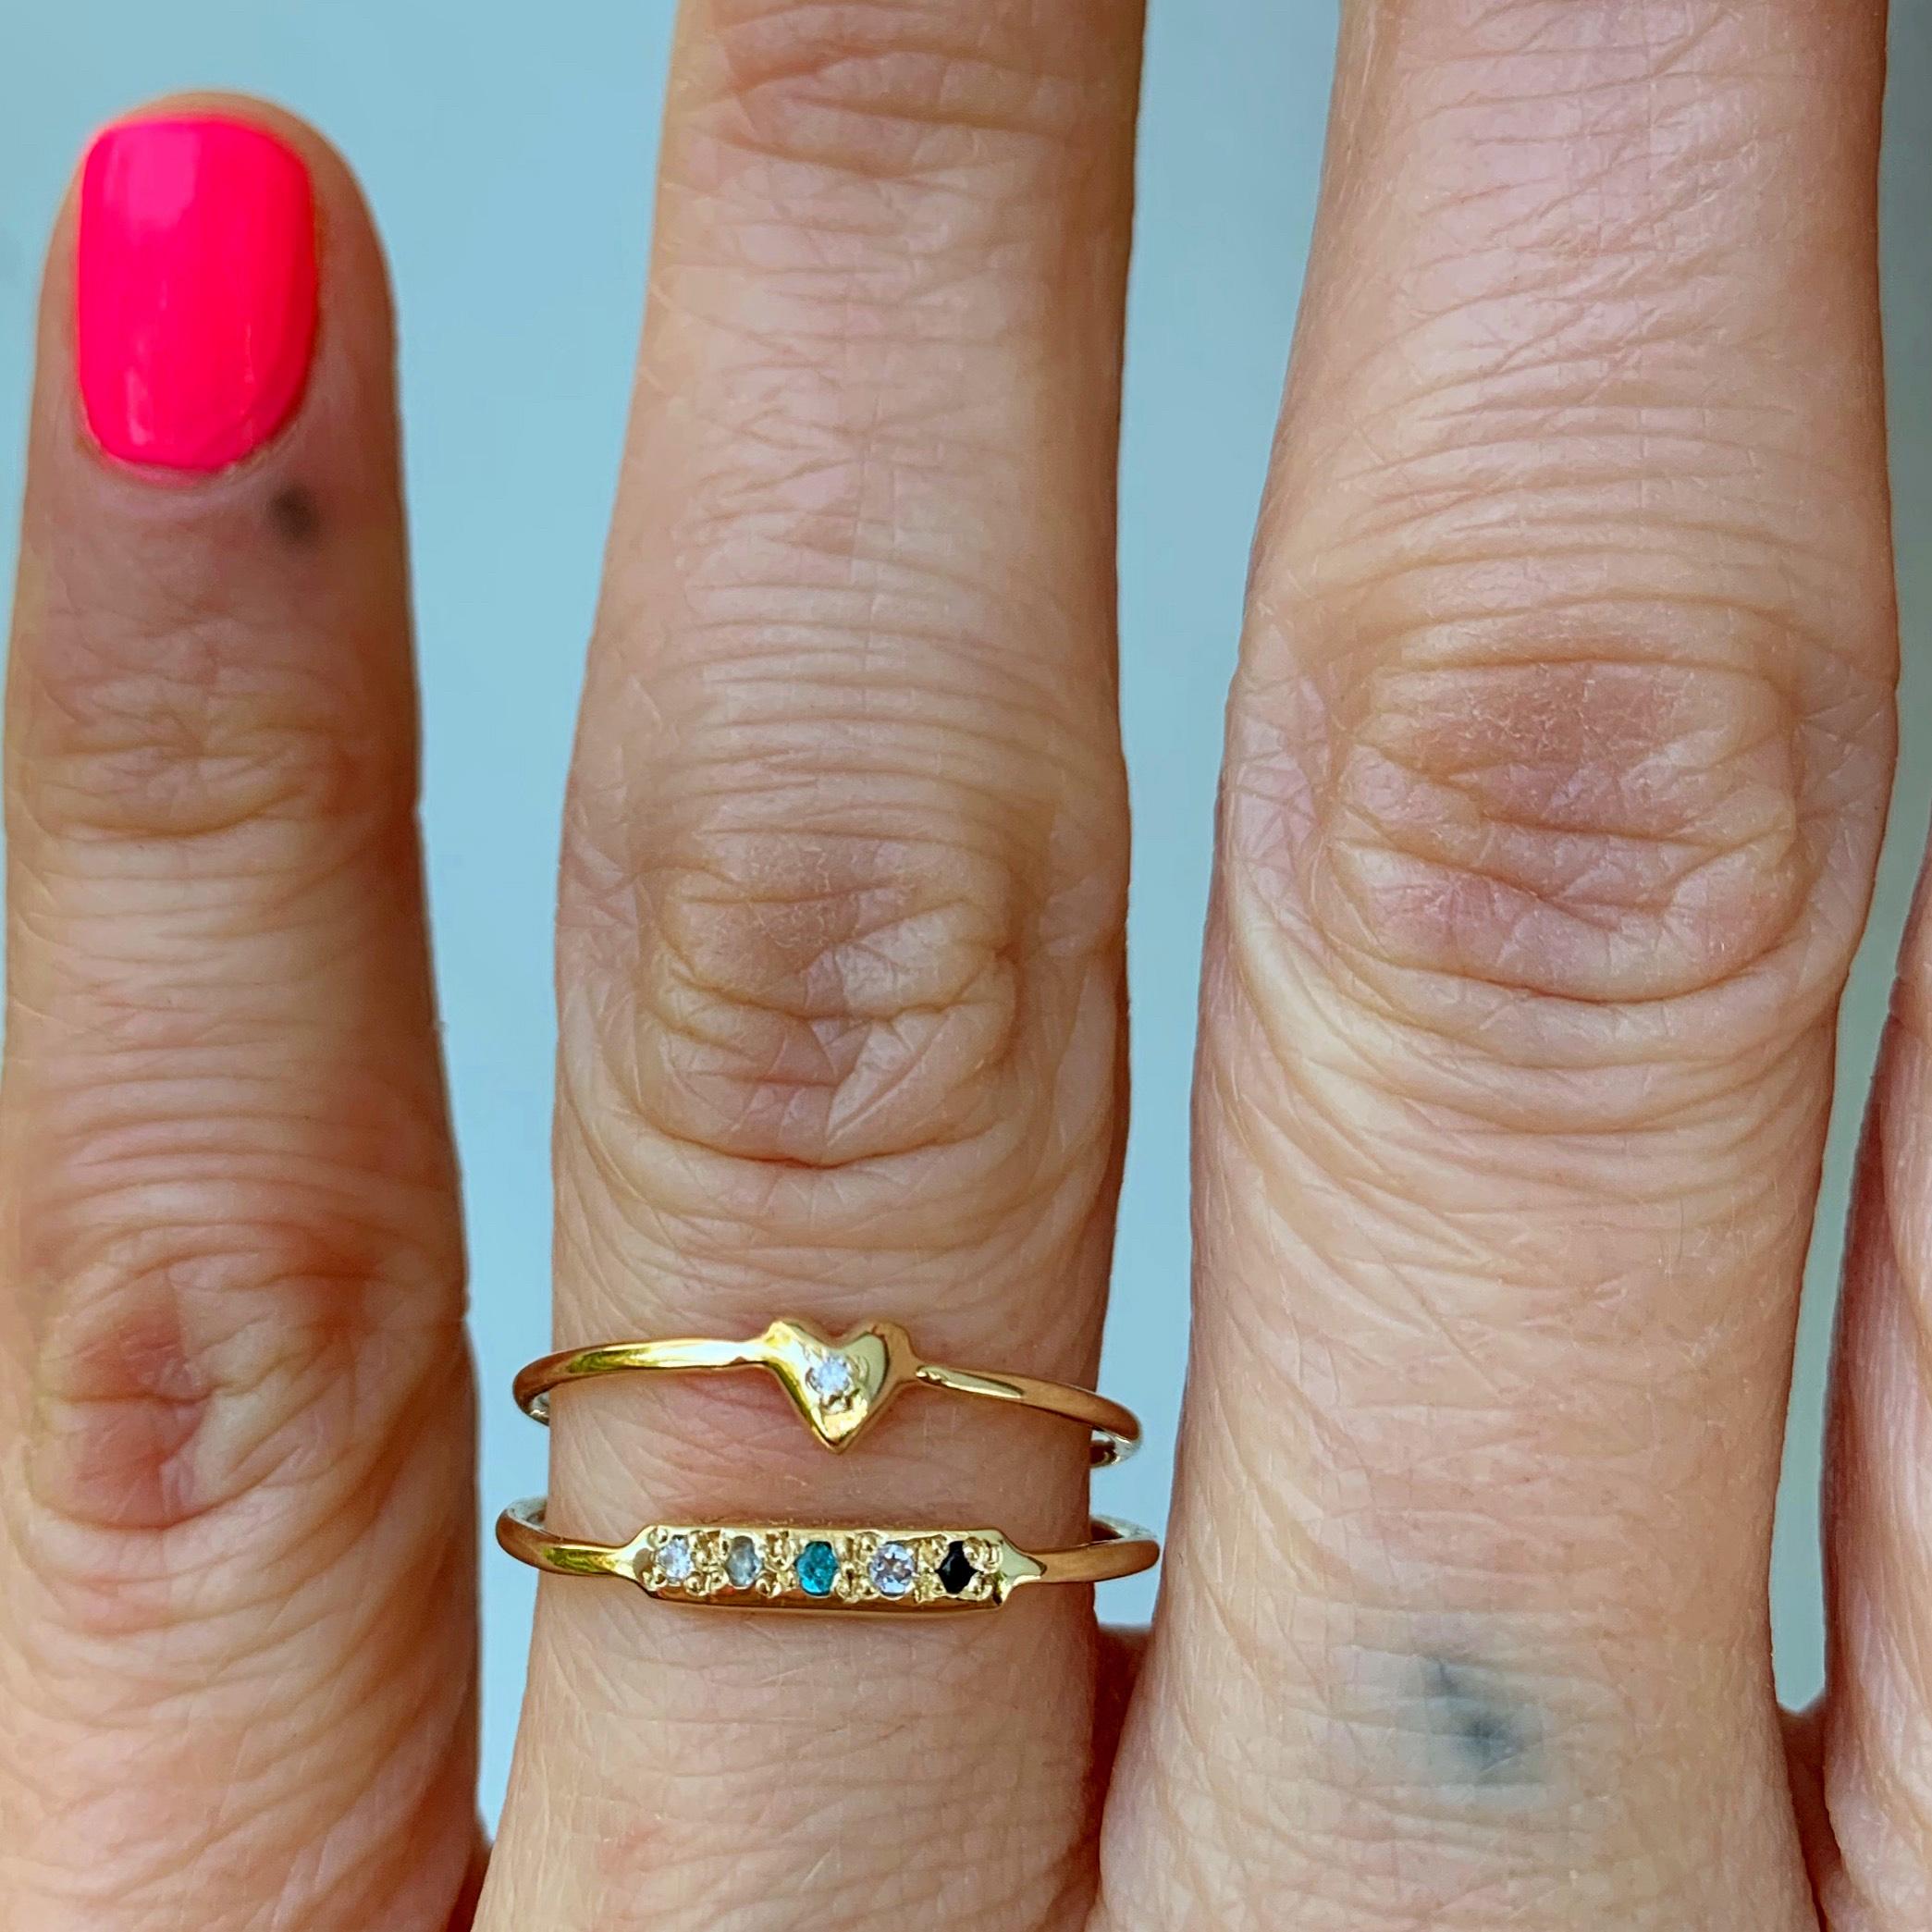 wearing the teeny tiny heart ring